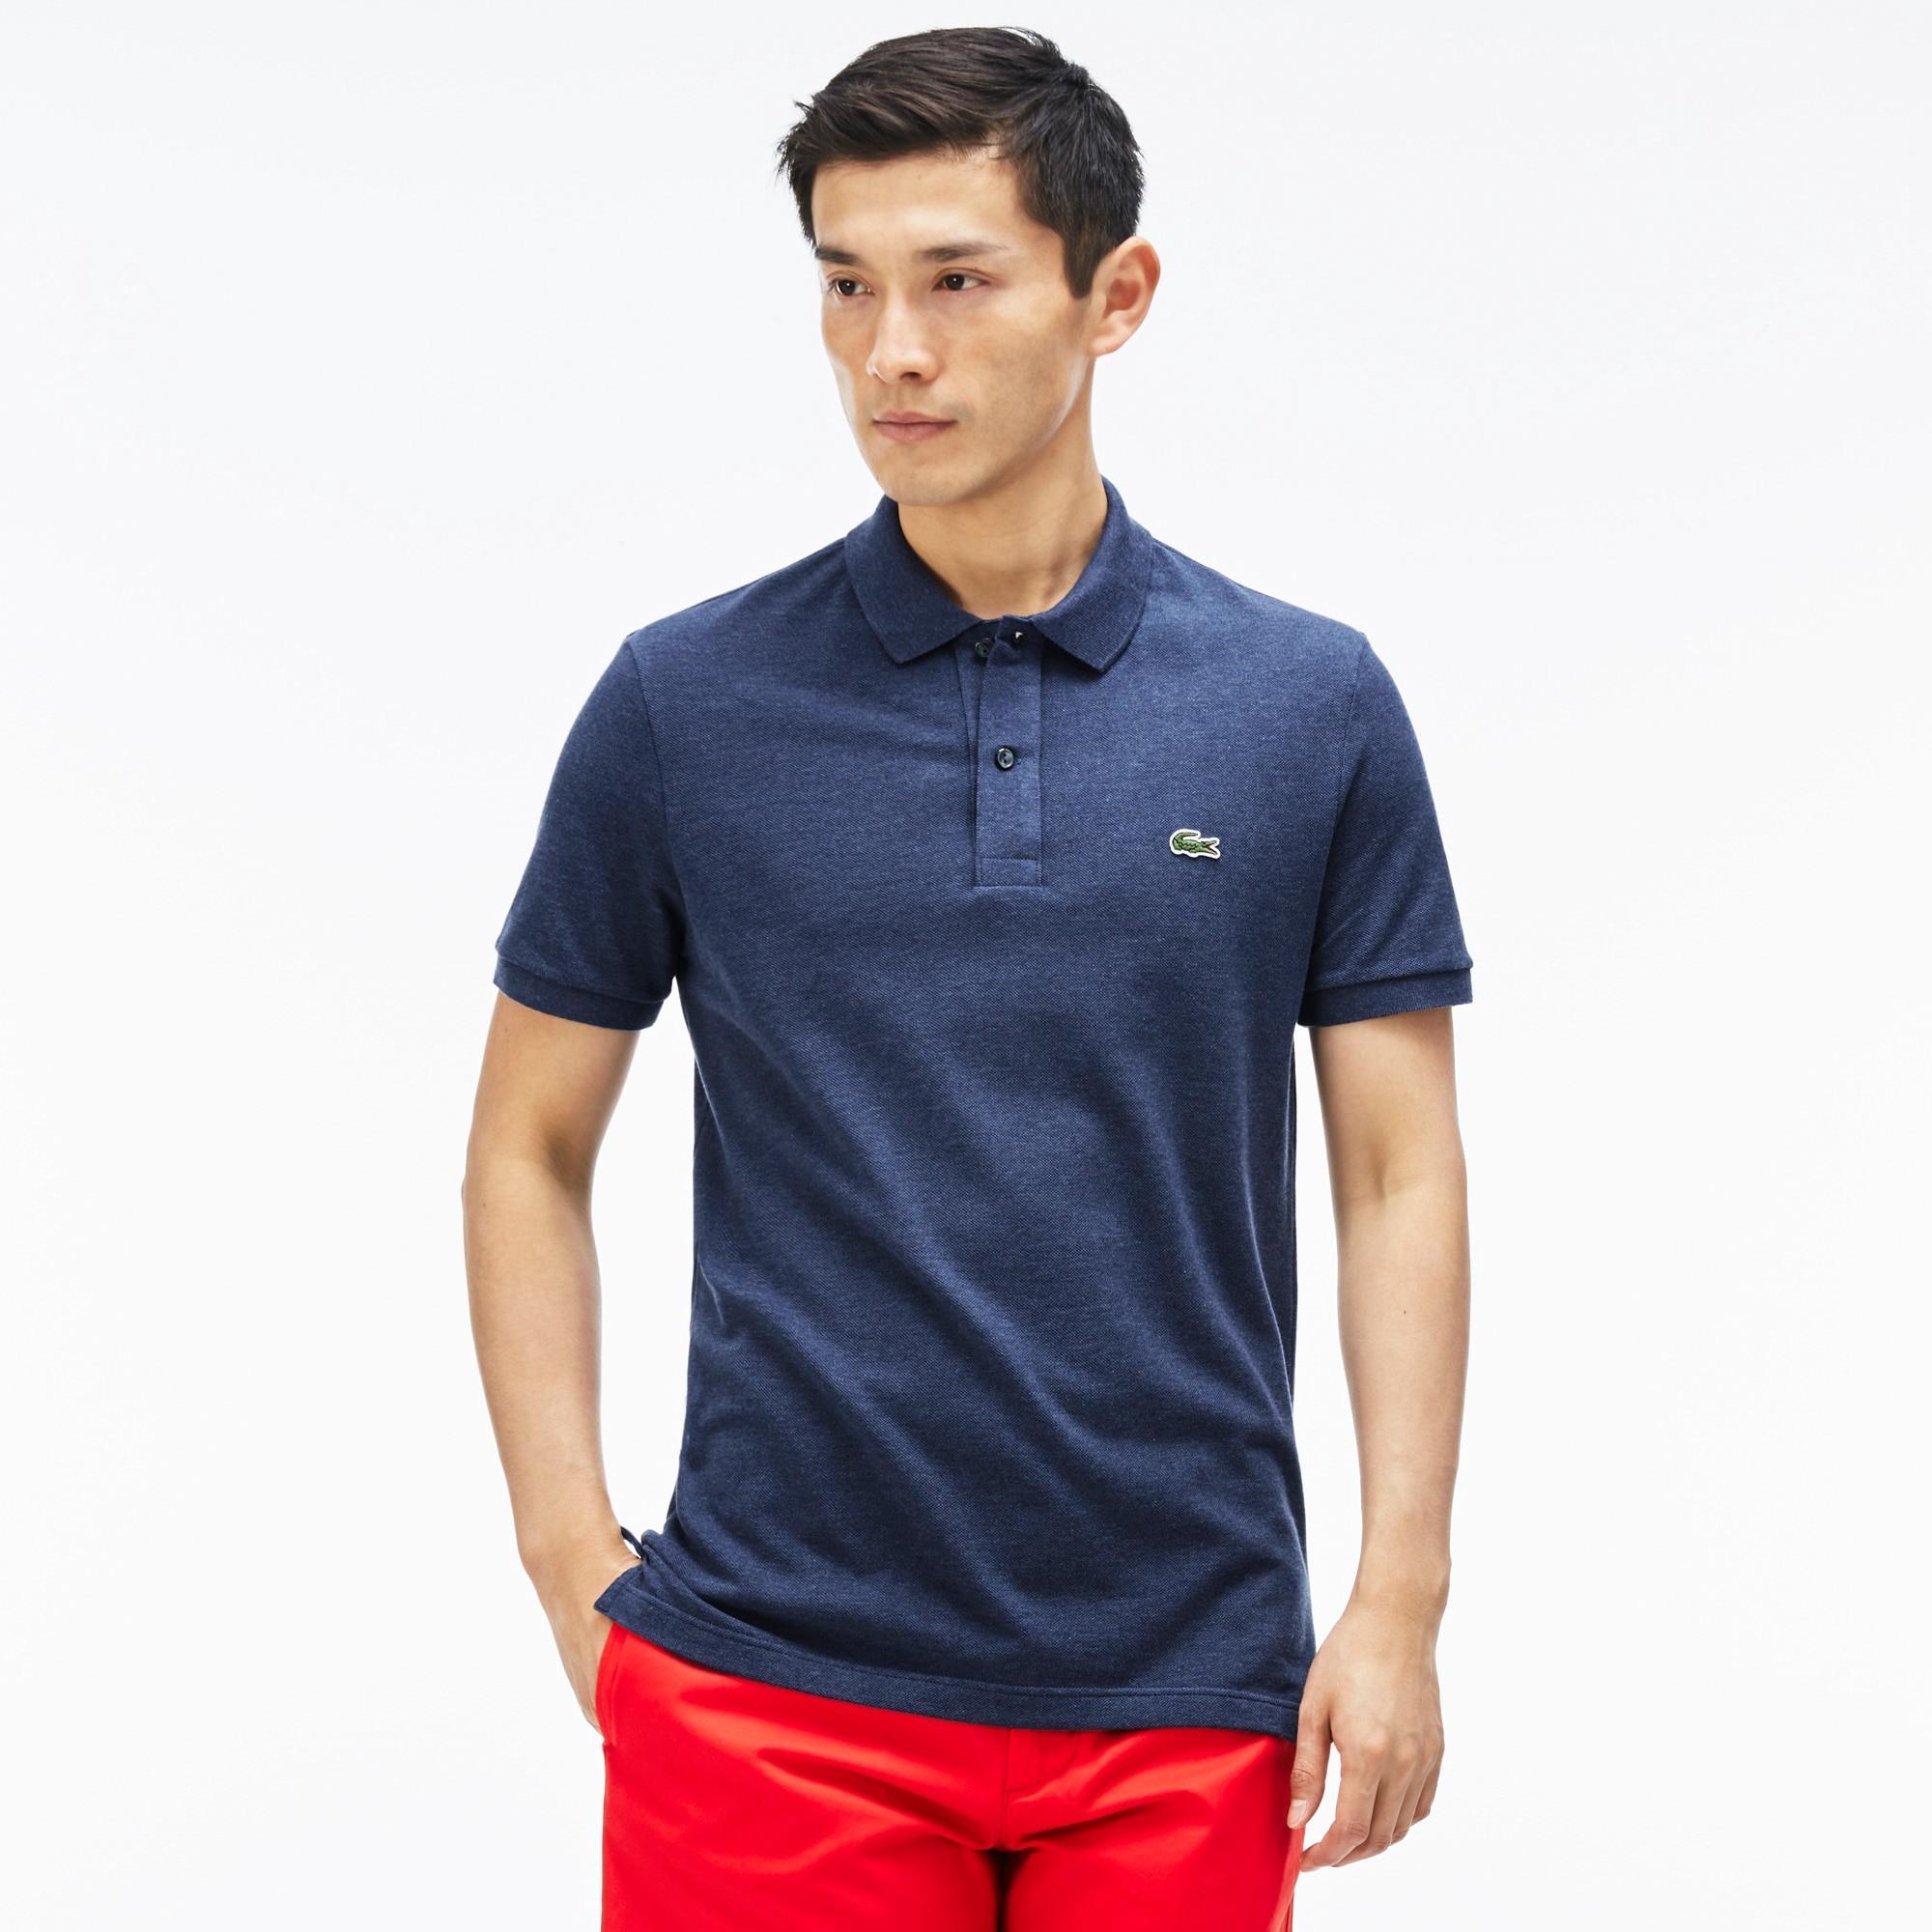 Men's Slim Fit Petit Piqué Polo Shirt - Philippines Blue Chine